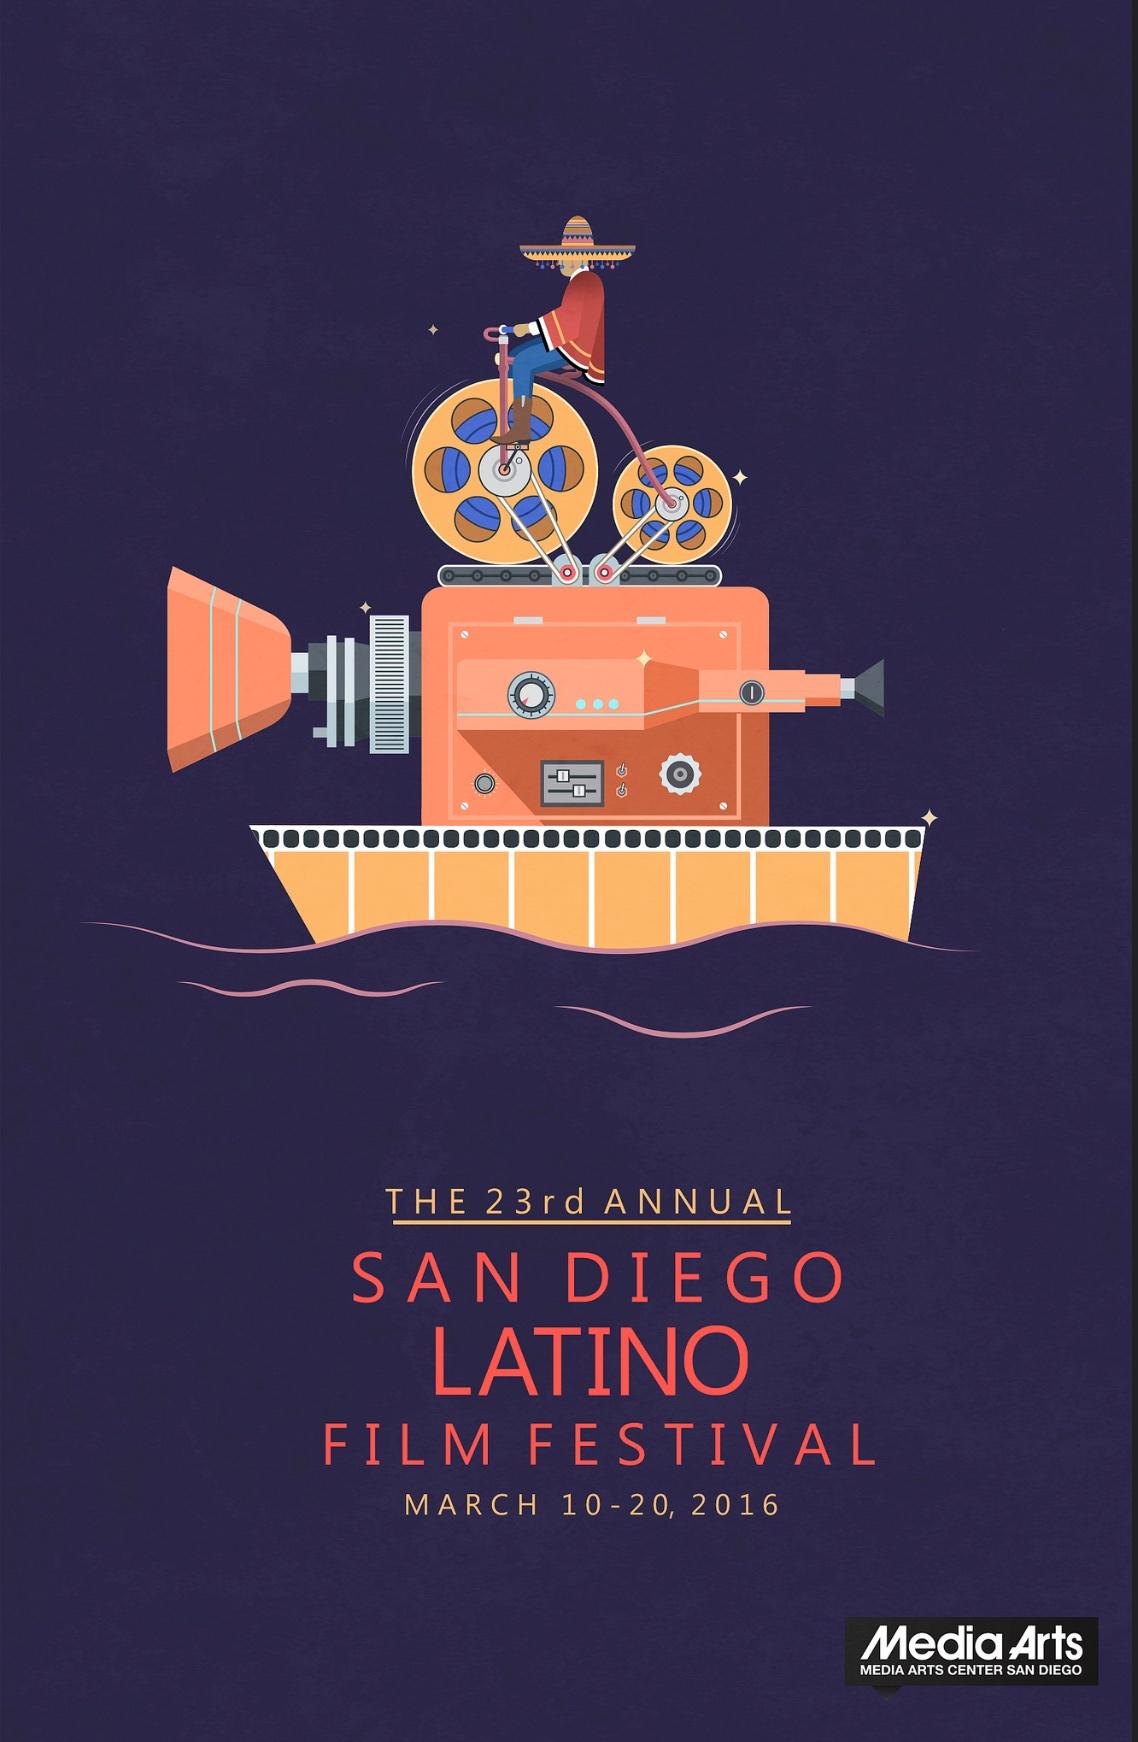 San Diego S 23rd Annual San Diego Latino Film Festival